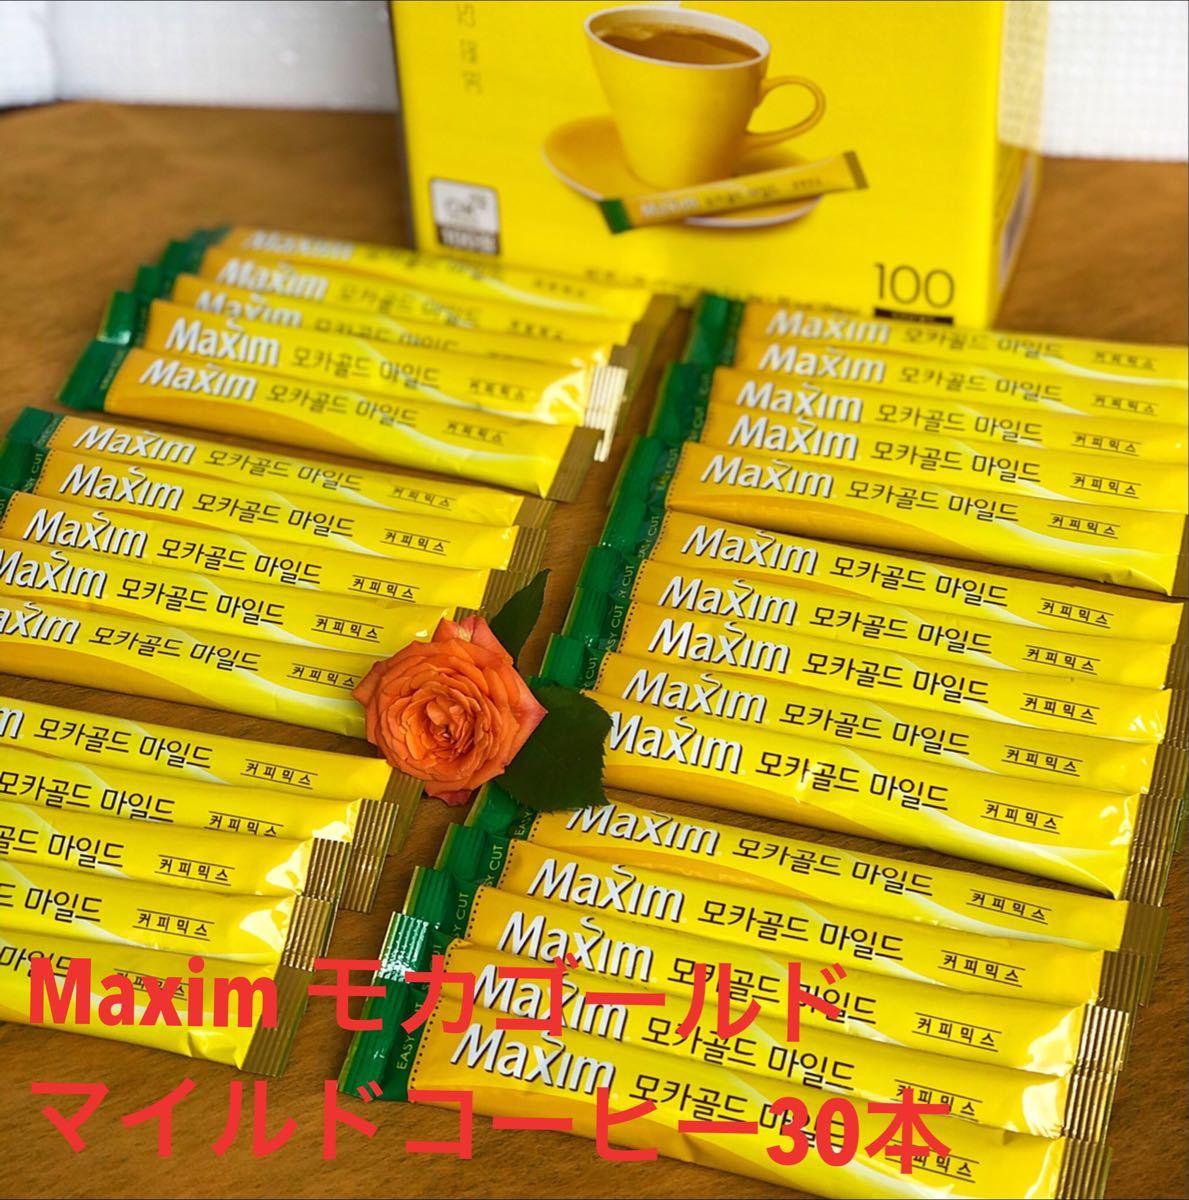 韓国 マキシムモカゴールドマイルドコーヒー 30本